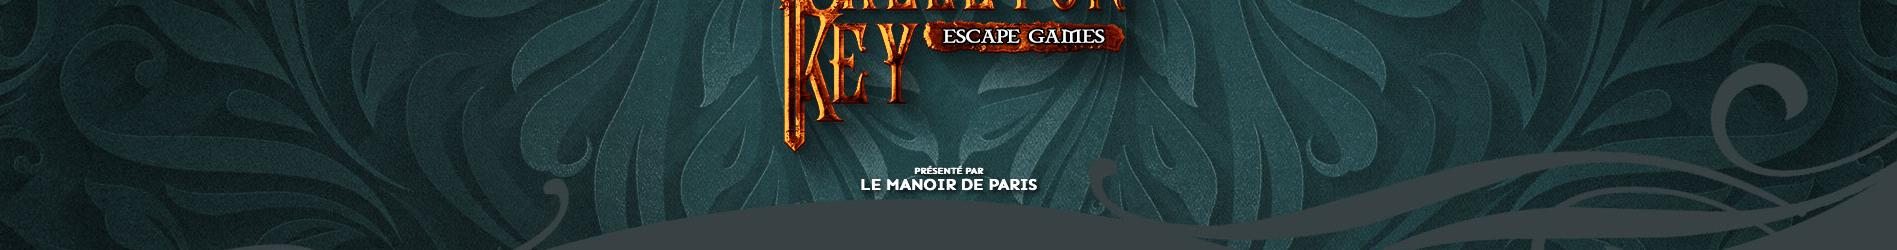 Page d'accueil du site Skeleton Key